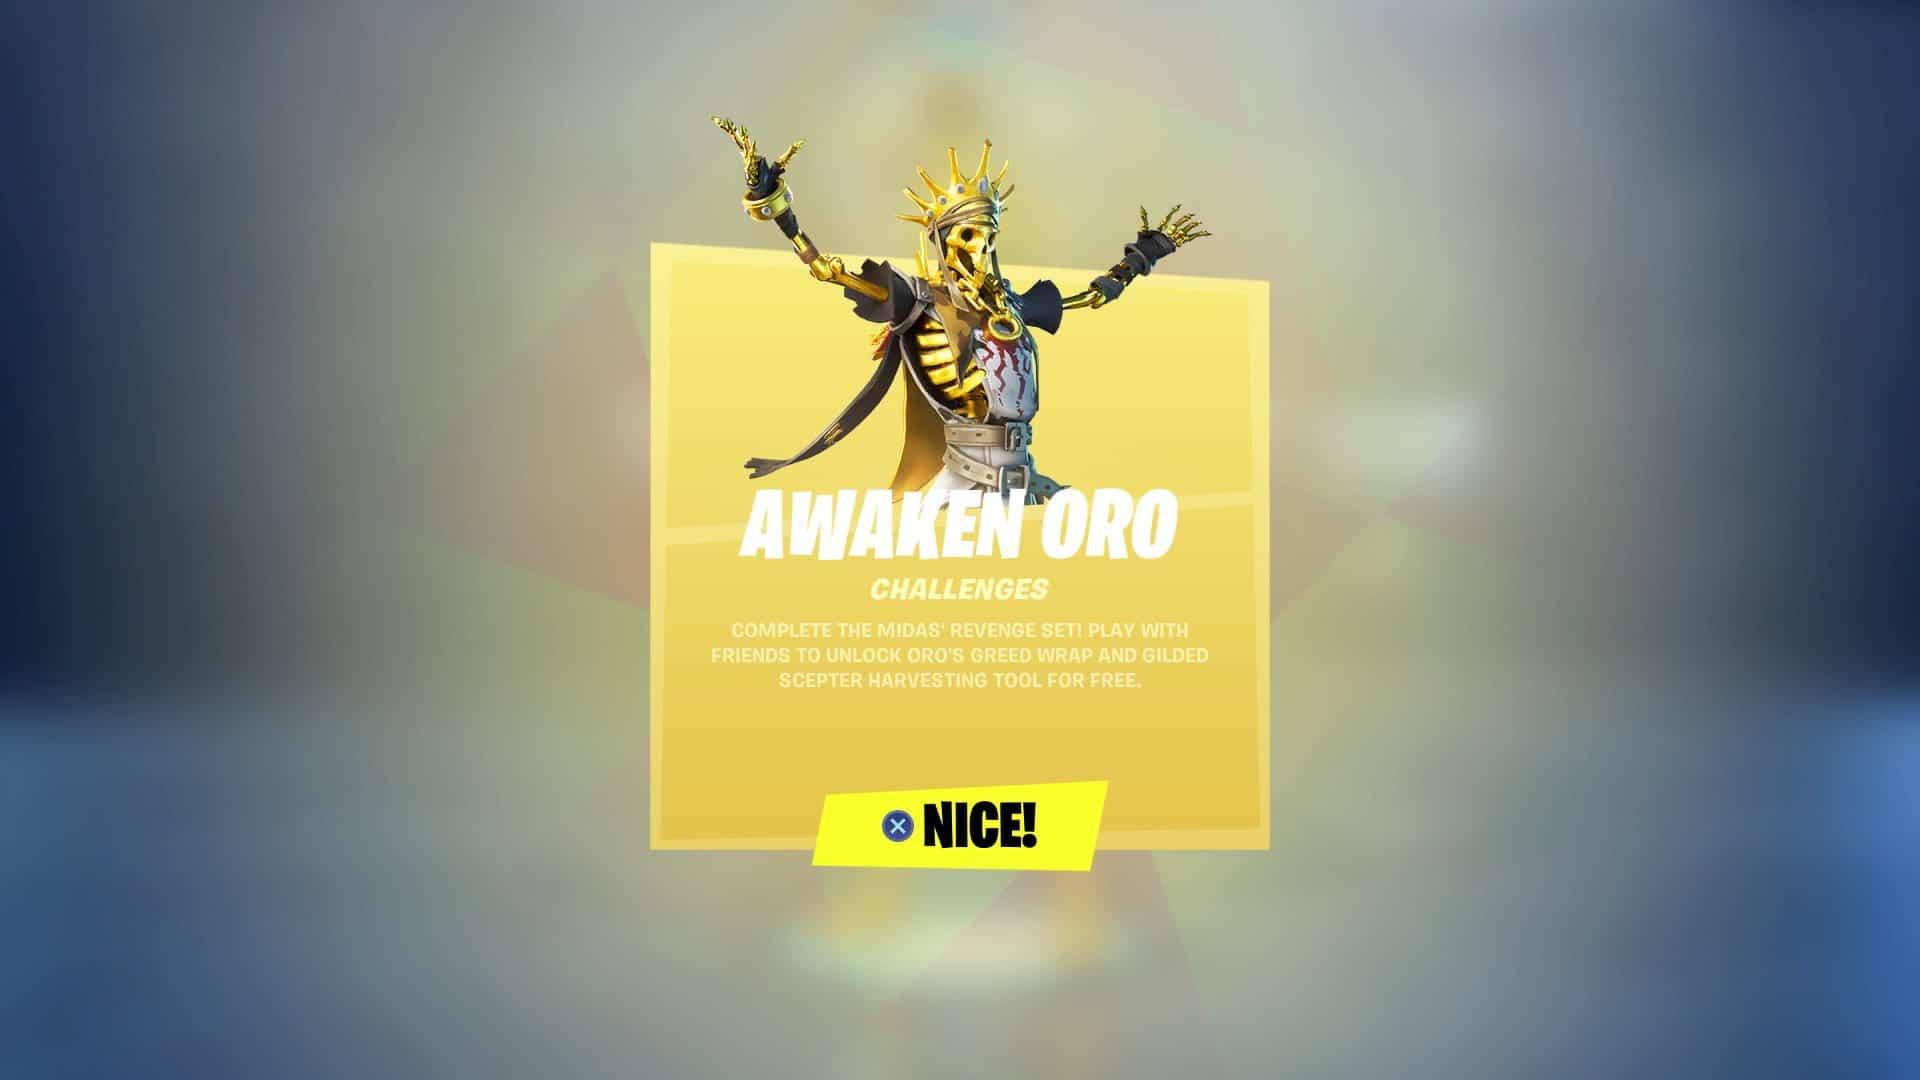 Fortnite Awaken Oro Challenges